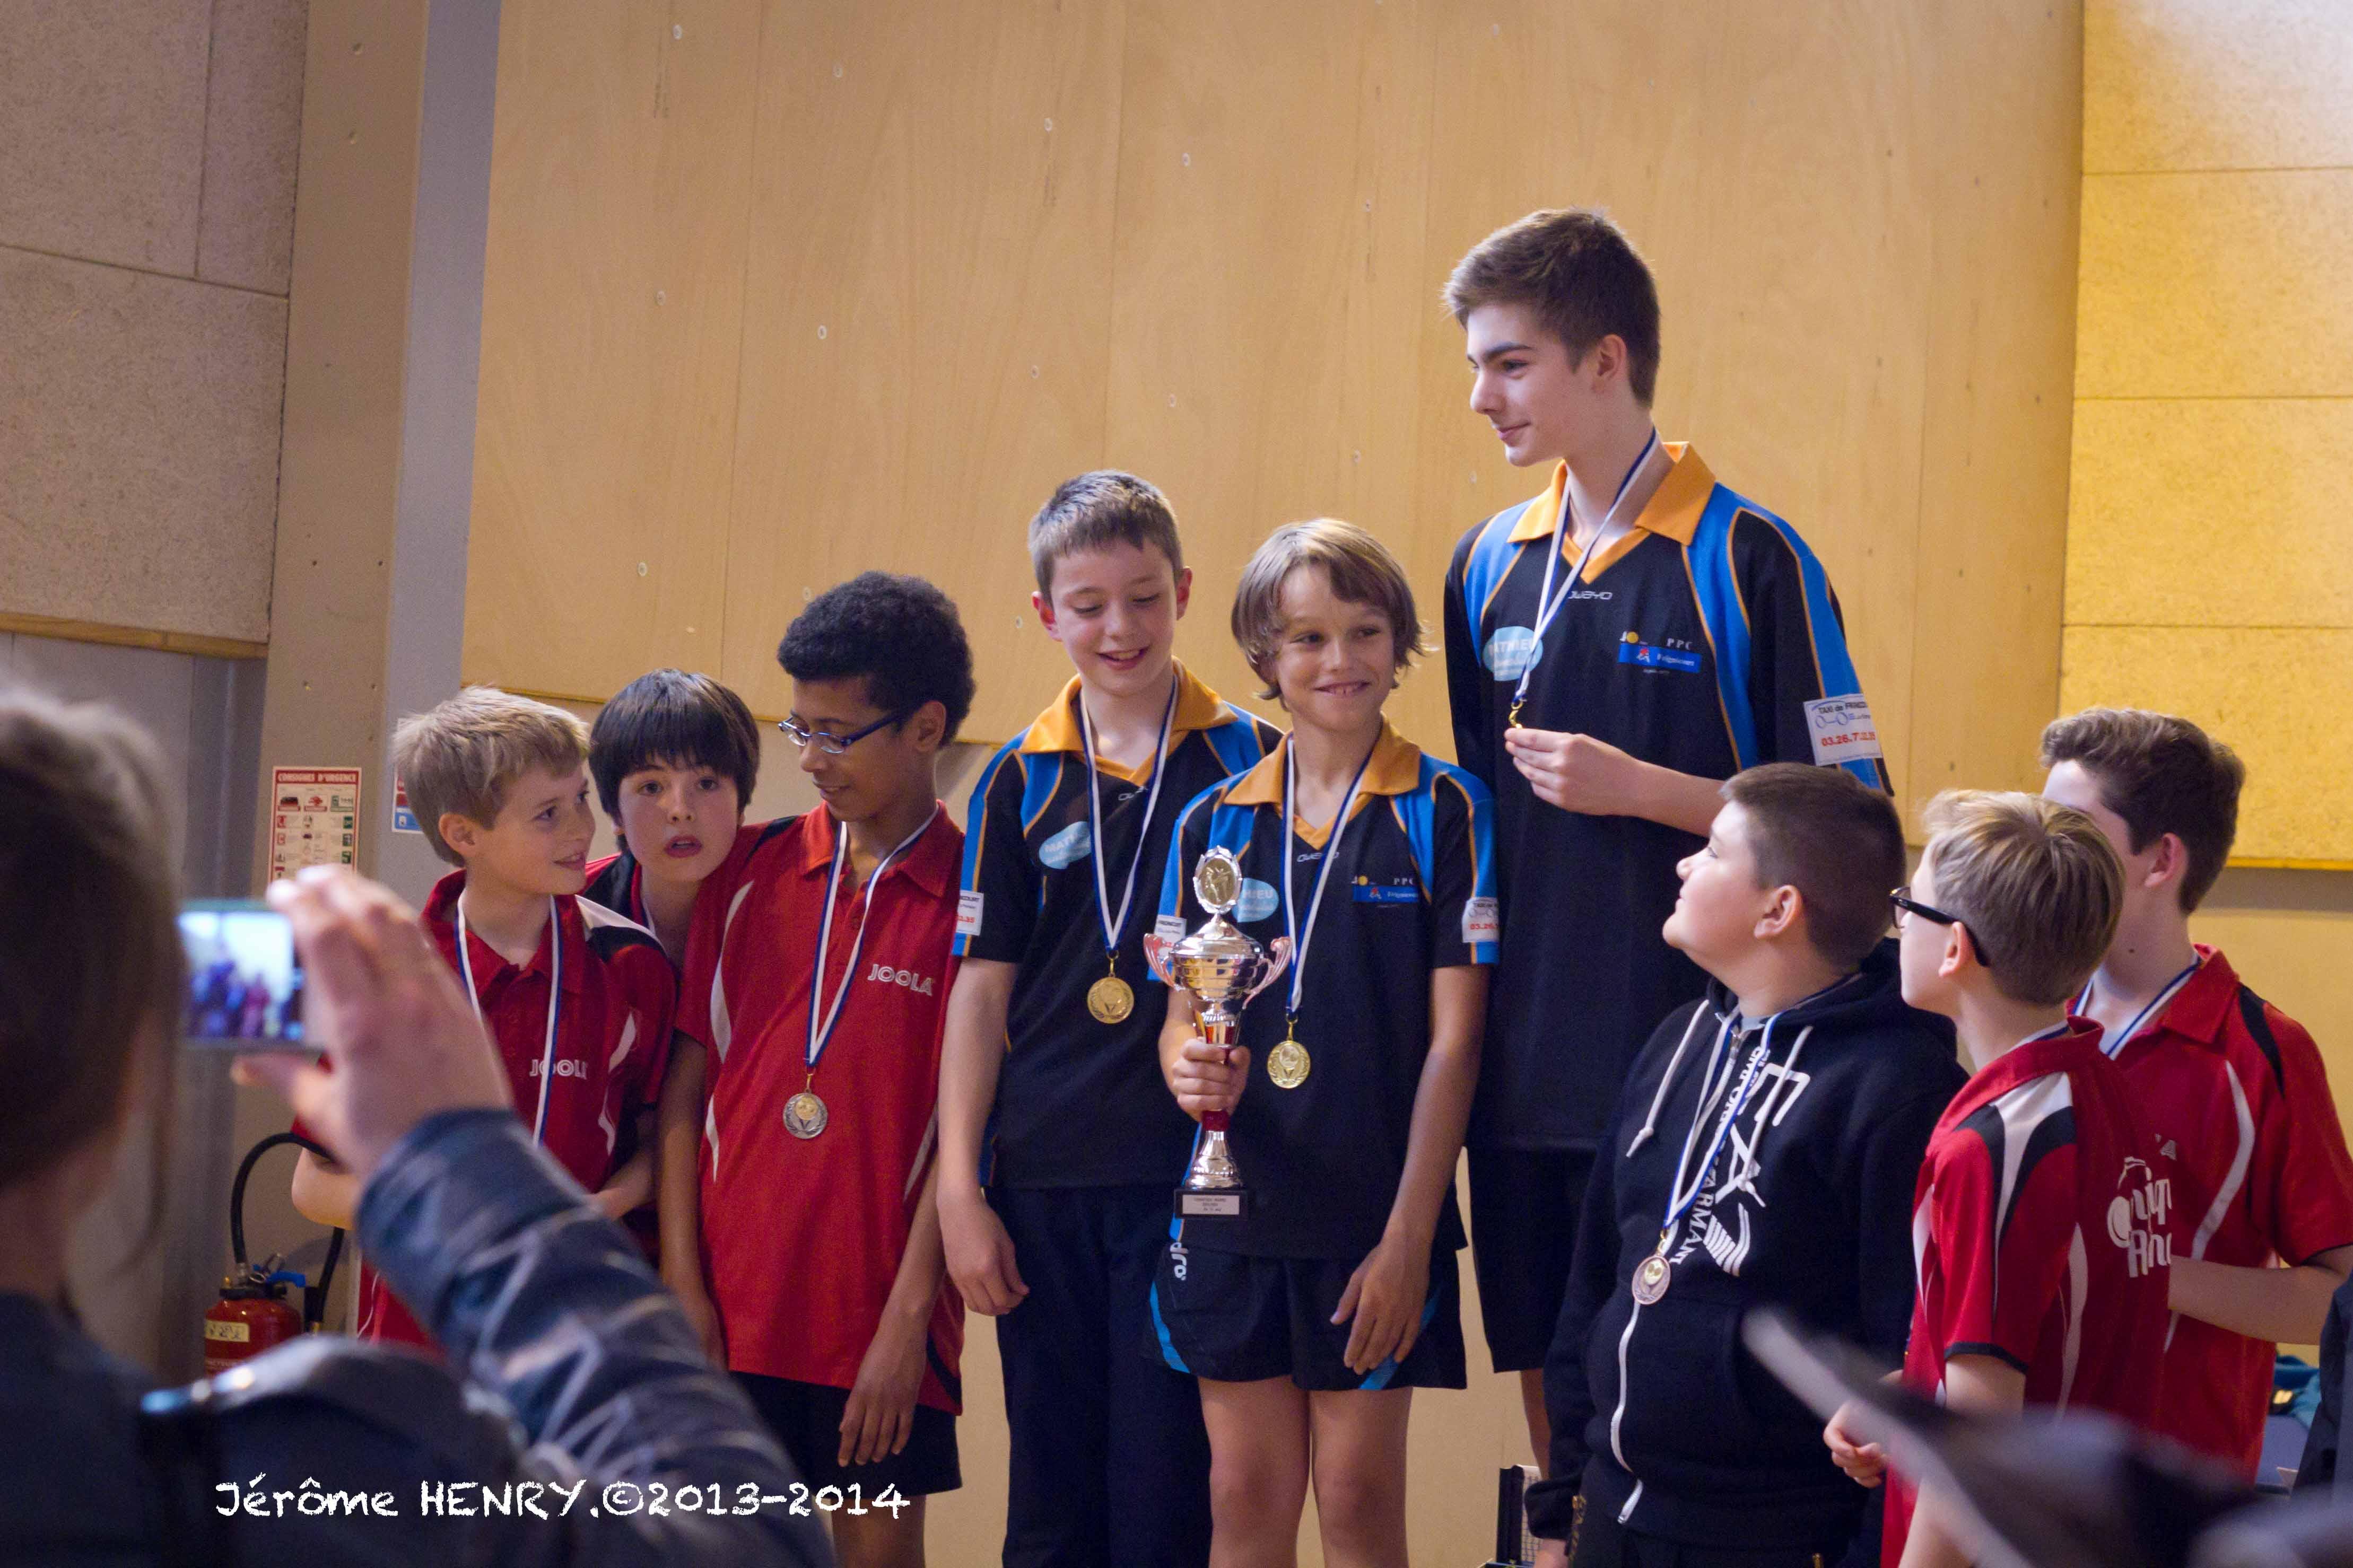 Championnat jeunes comit marne de tennis de table - Championnat d europe de tennis de table ...